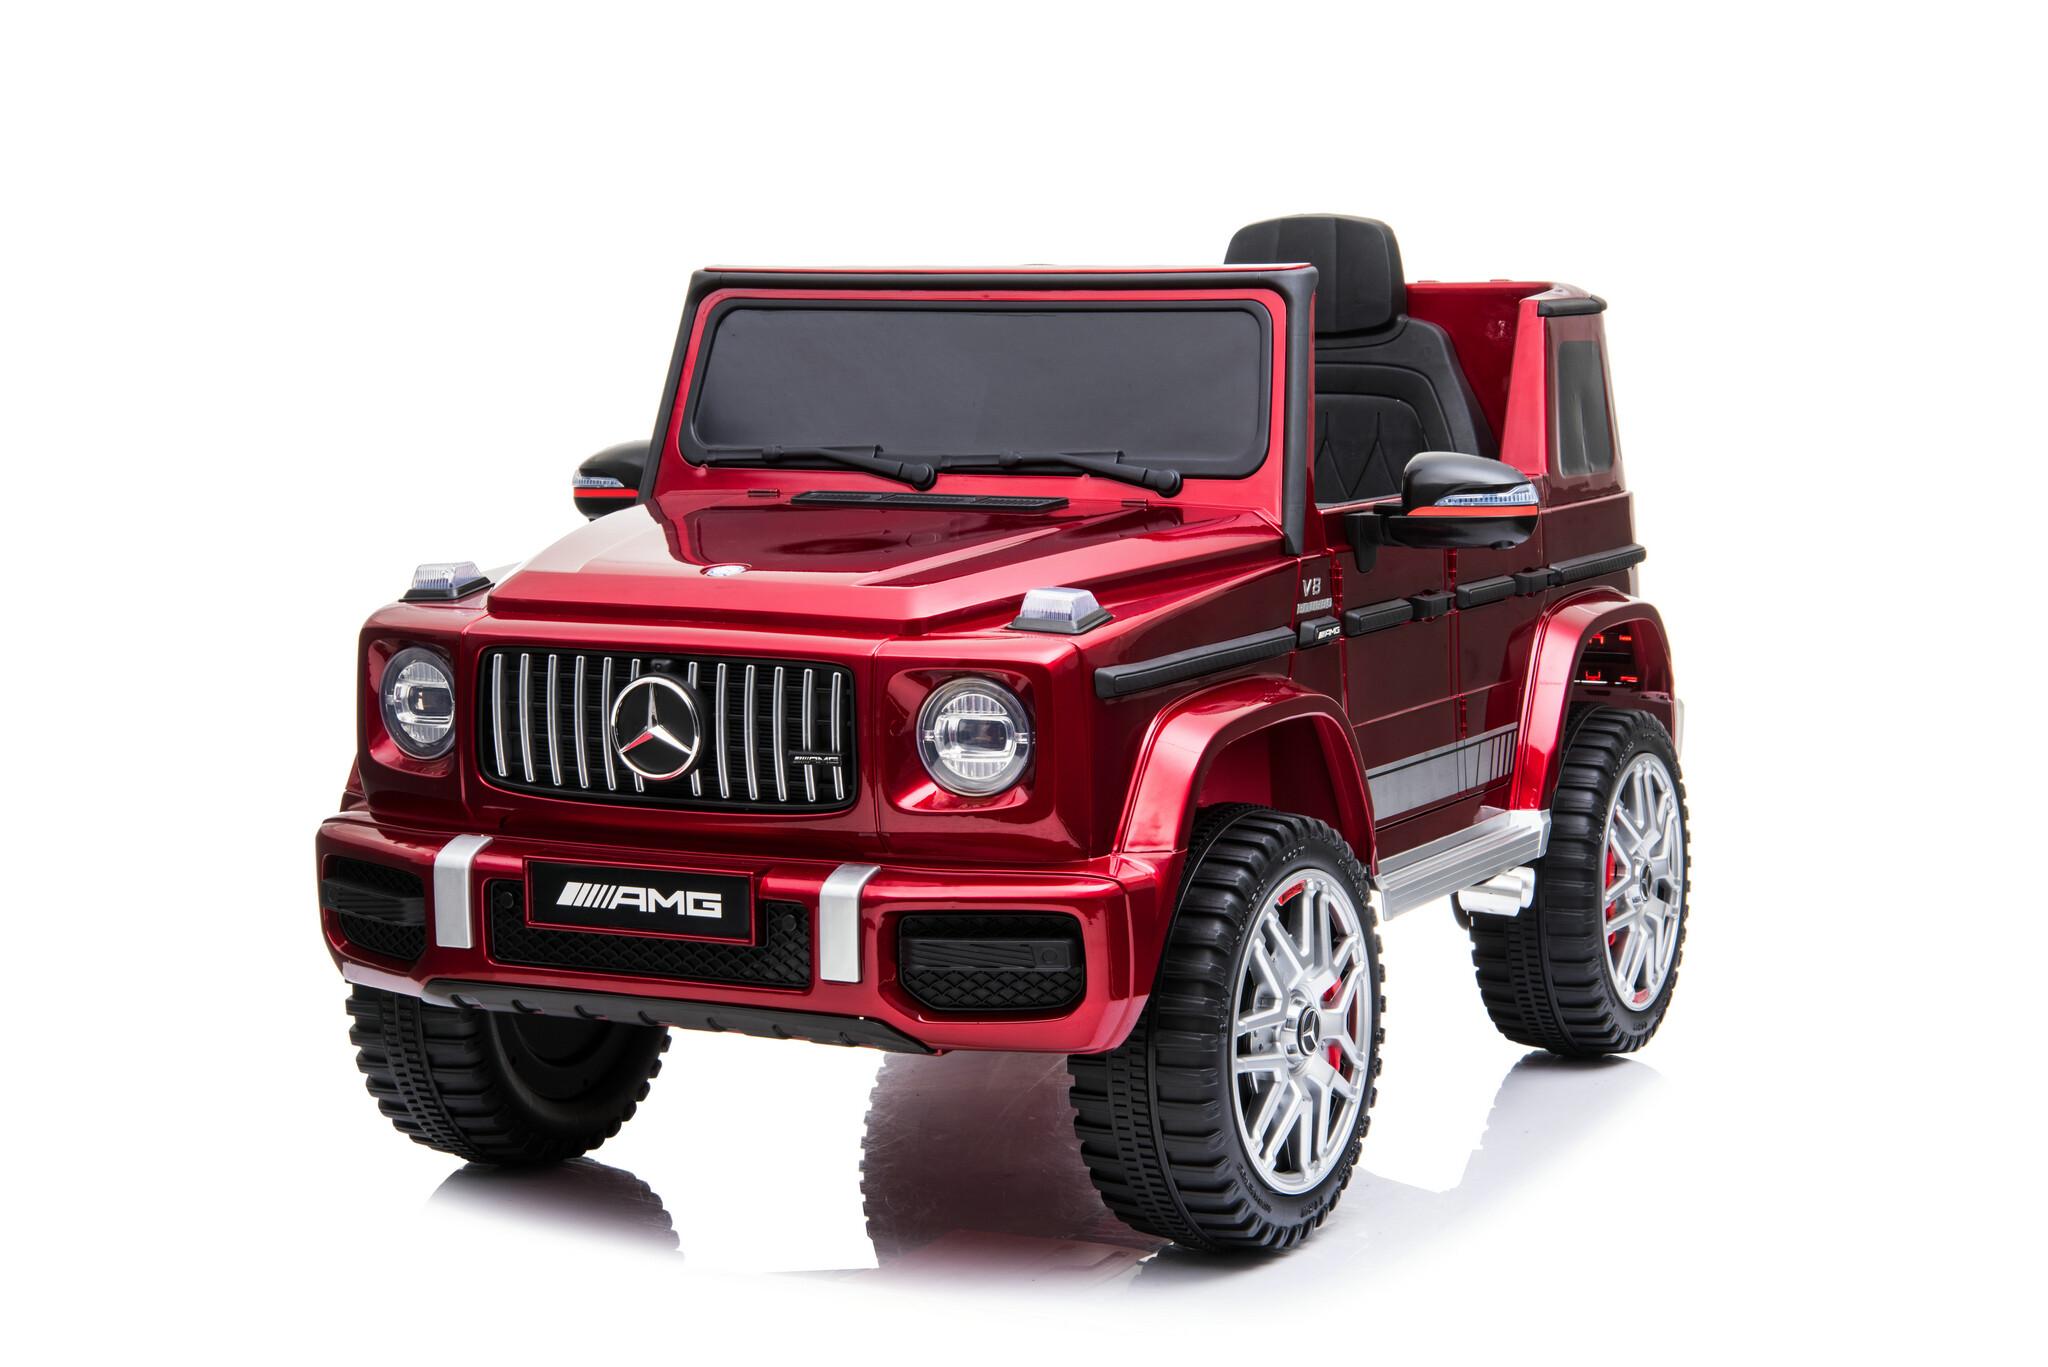 Mercedes G63 speelgoedjeep 1